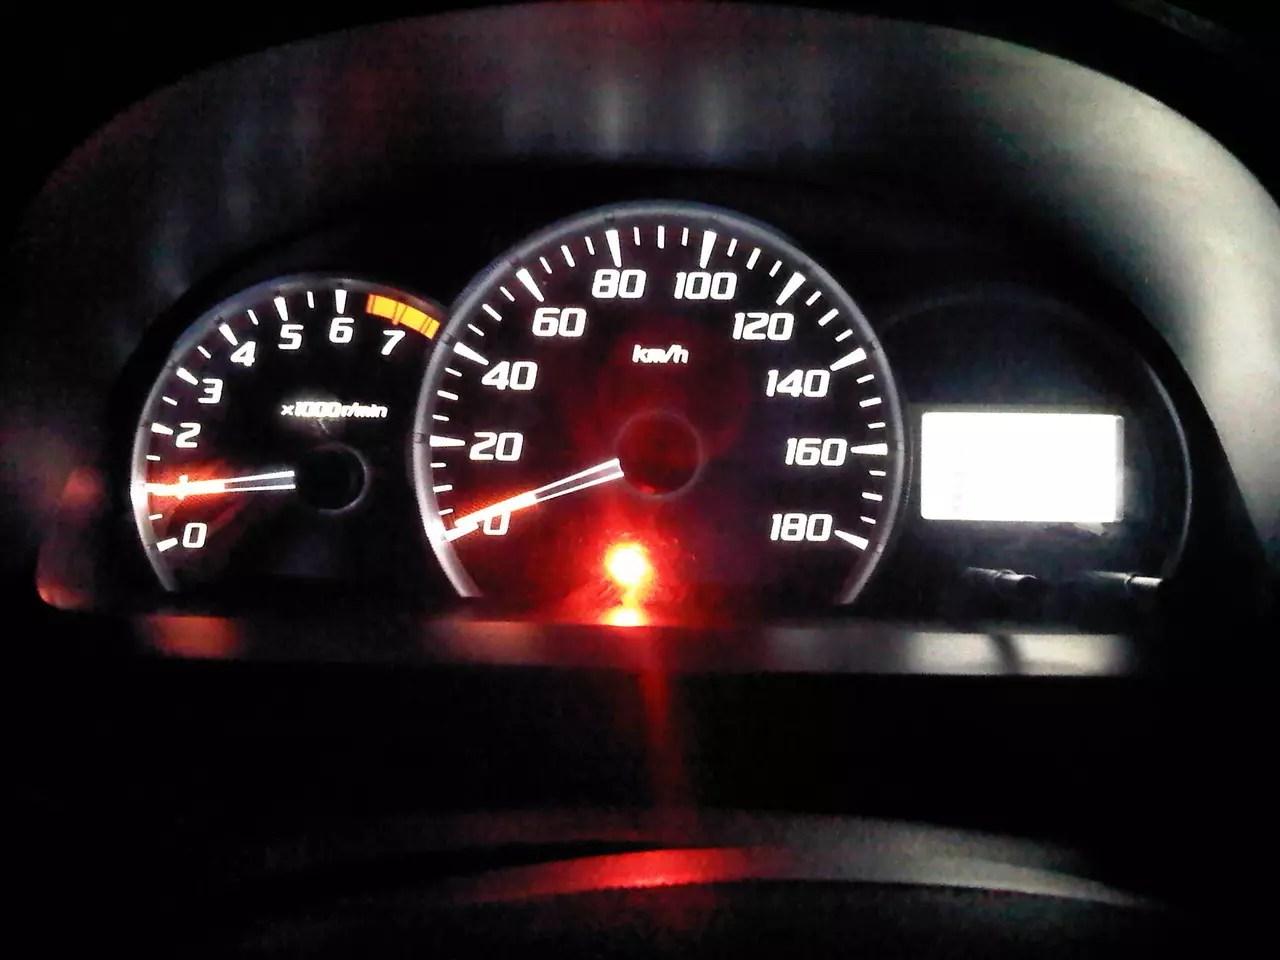 speedometer grand new avanza agya 1200cc trd koleksi ide 76 cara merubah kilometer mobil terlengkap